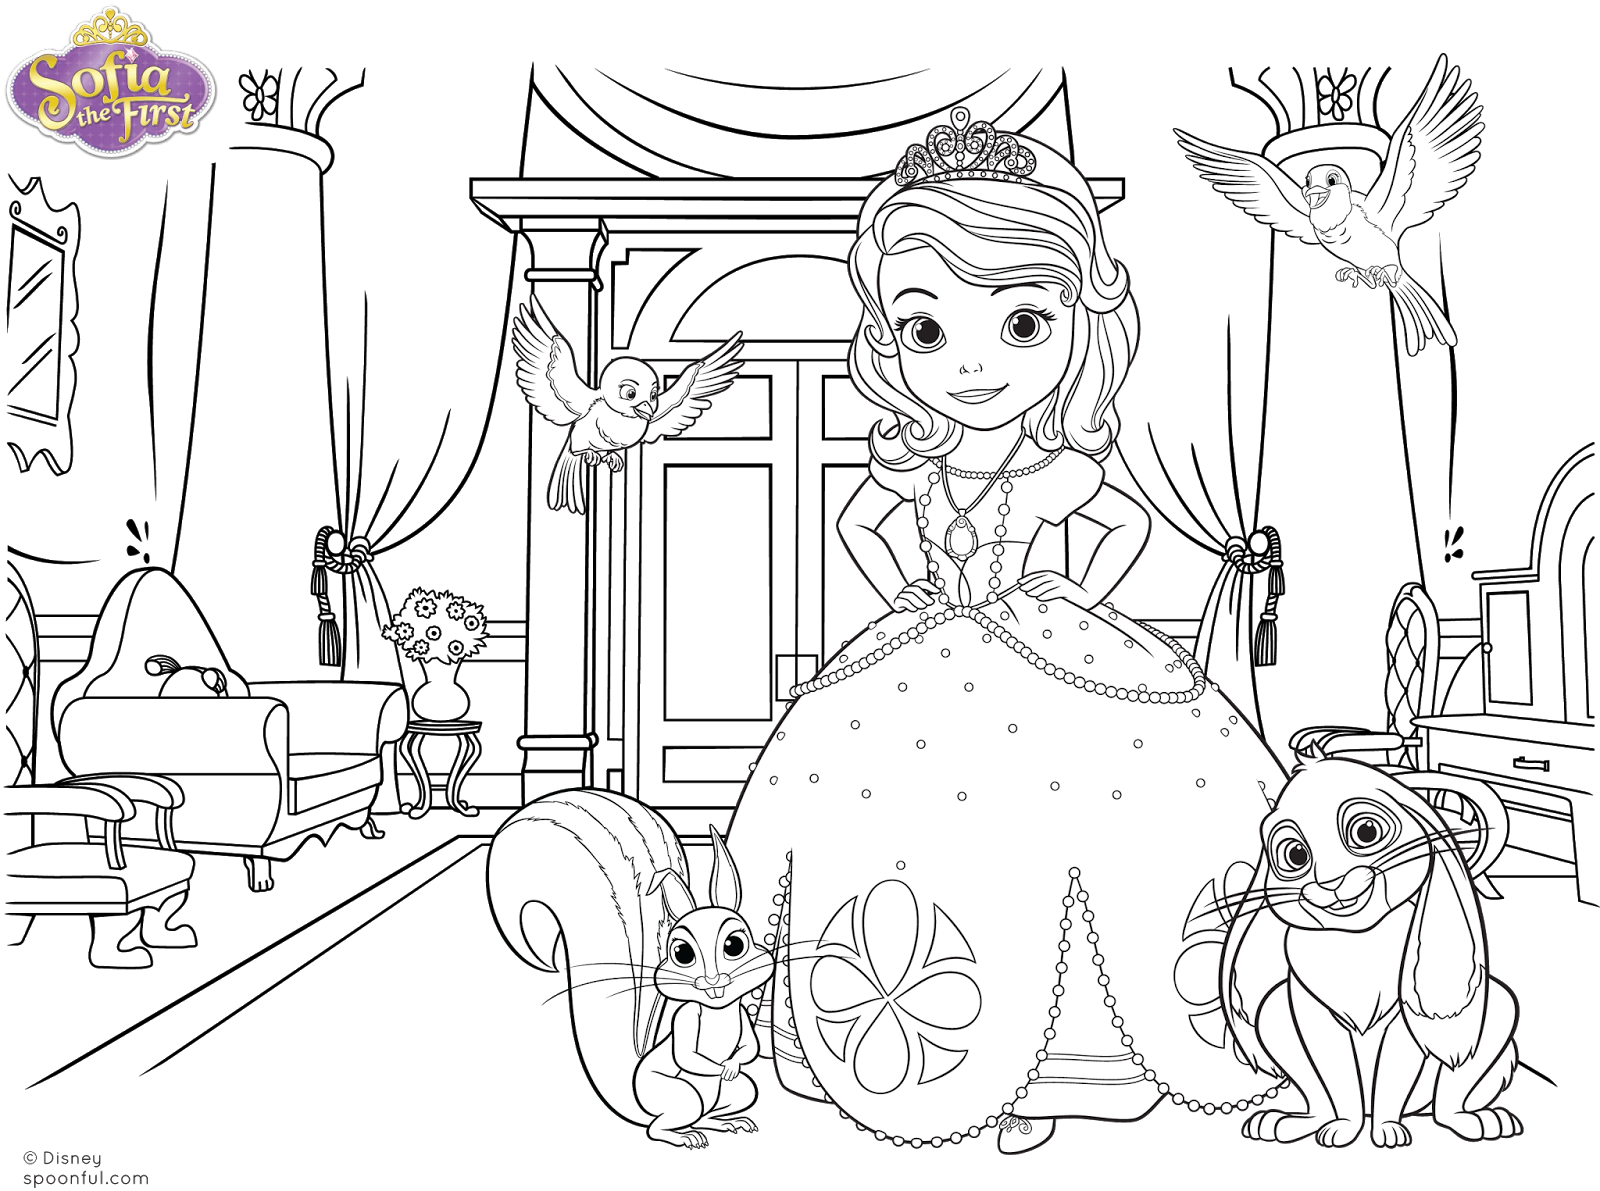 sofia the first printable coloring page - casinha de crian a kit festa princesa sofia para imprimir